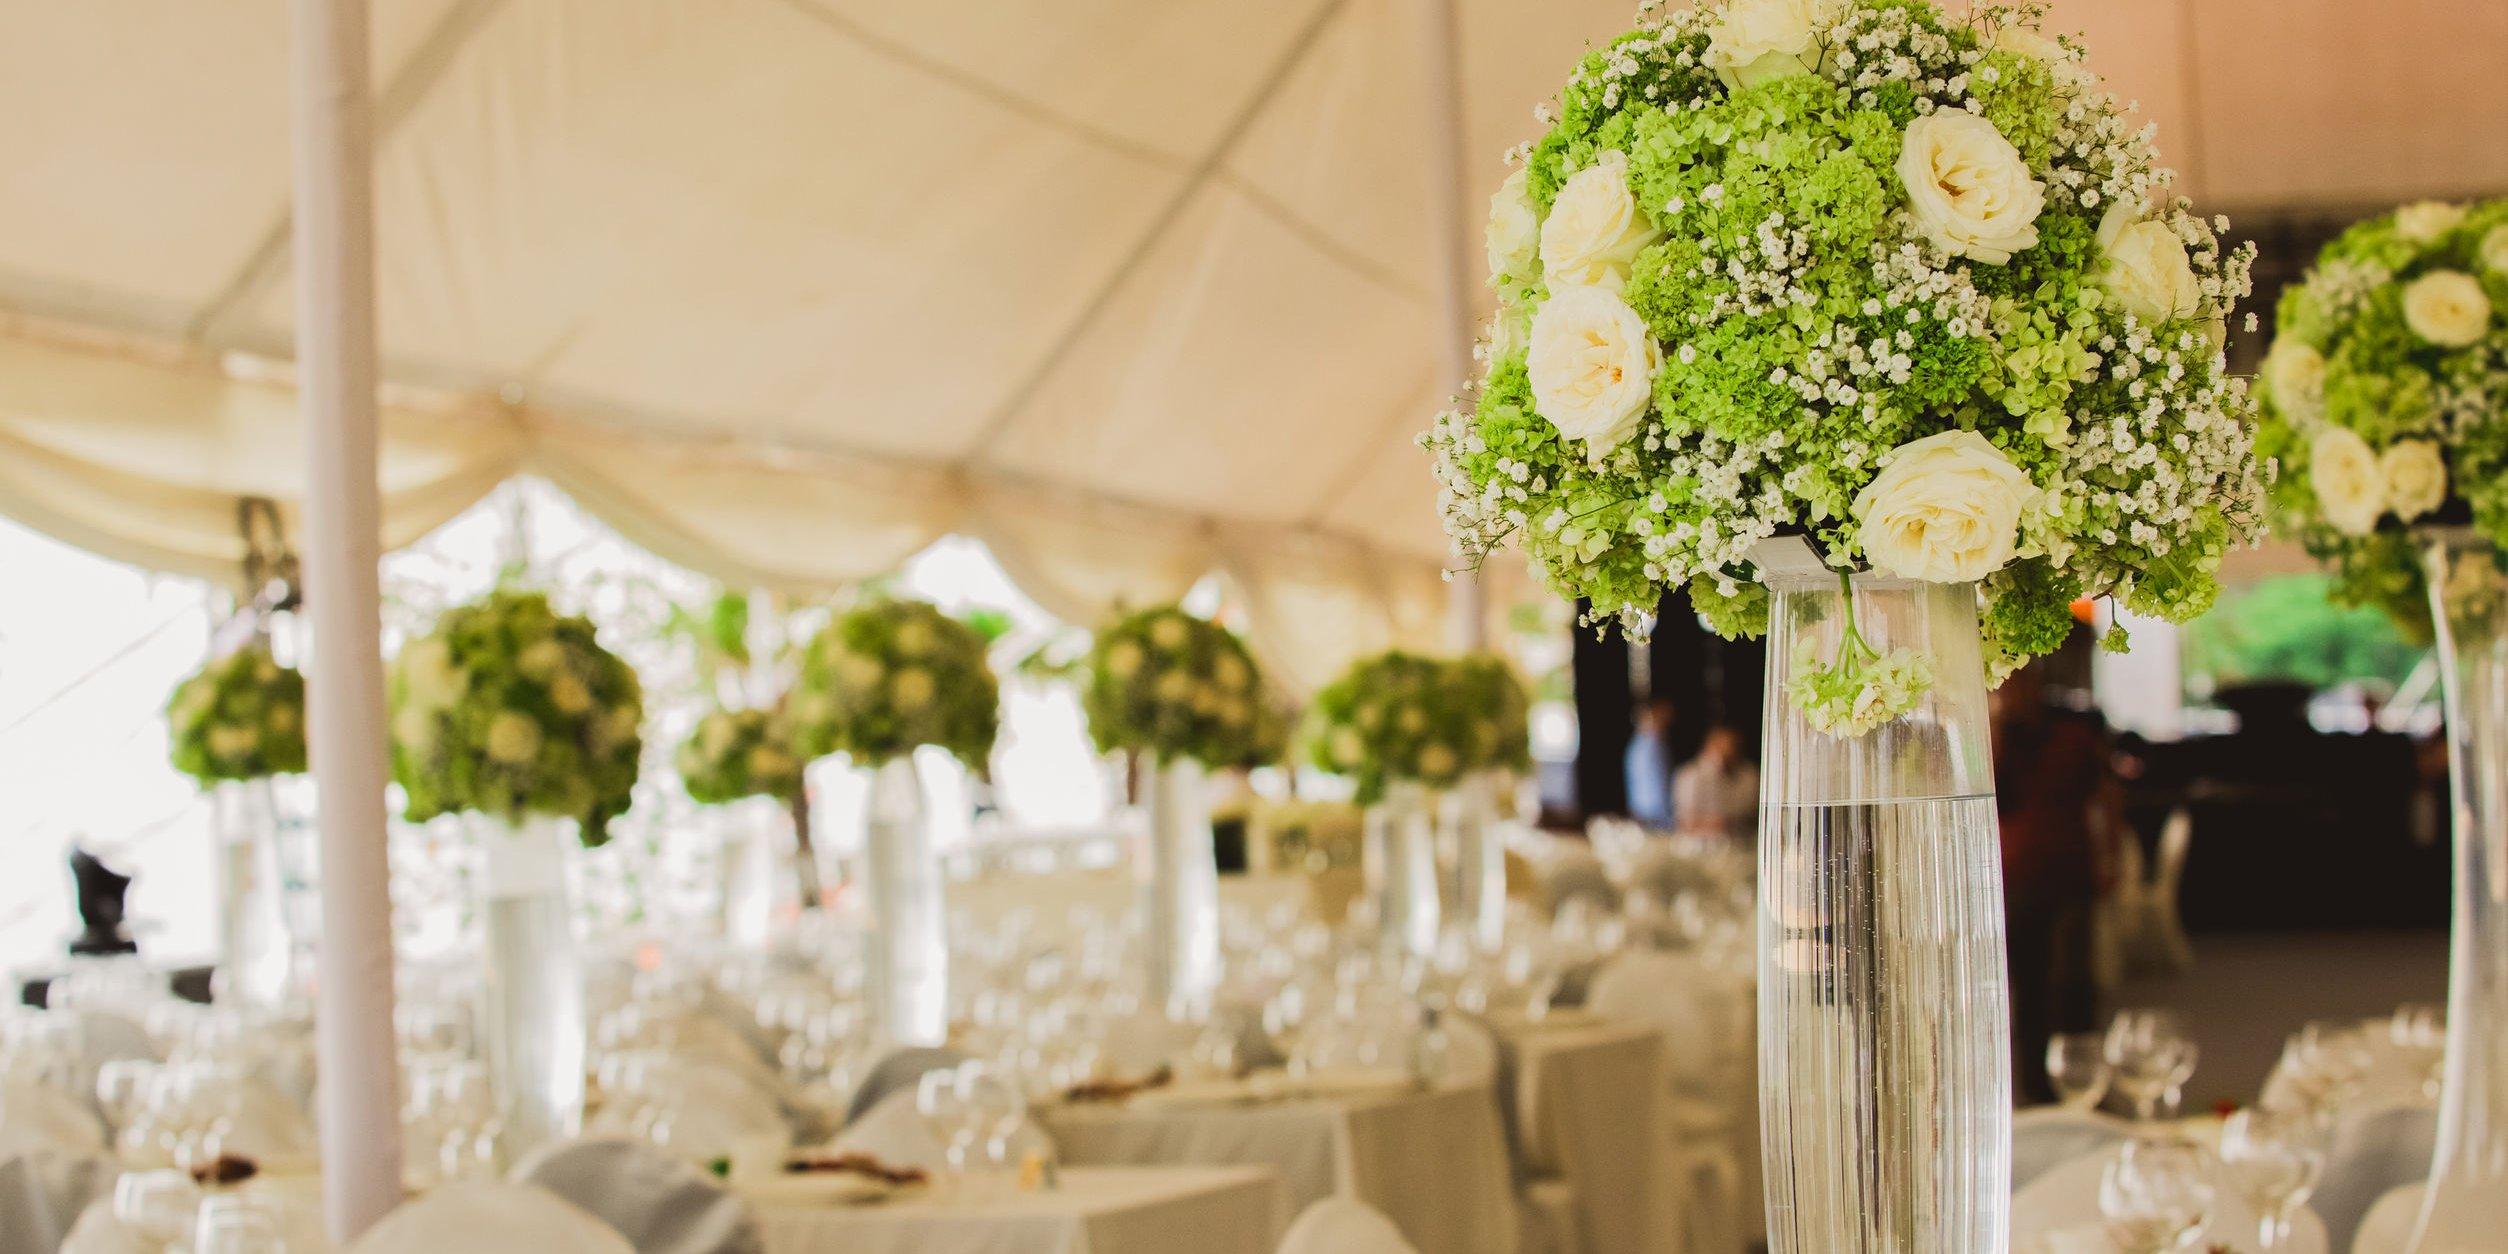 wedding set up in garden inside beach. Closeup of flowers